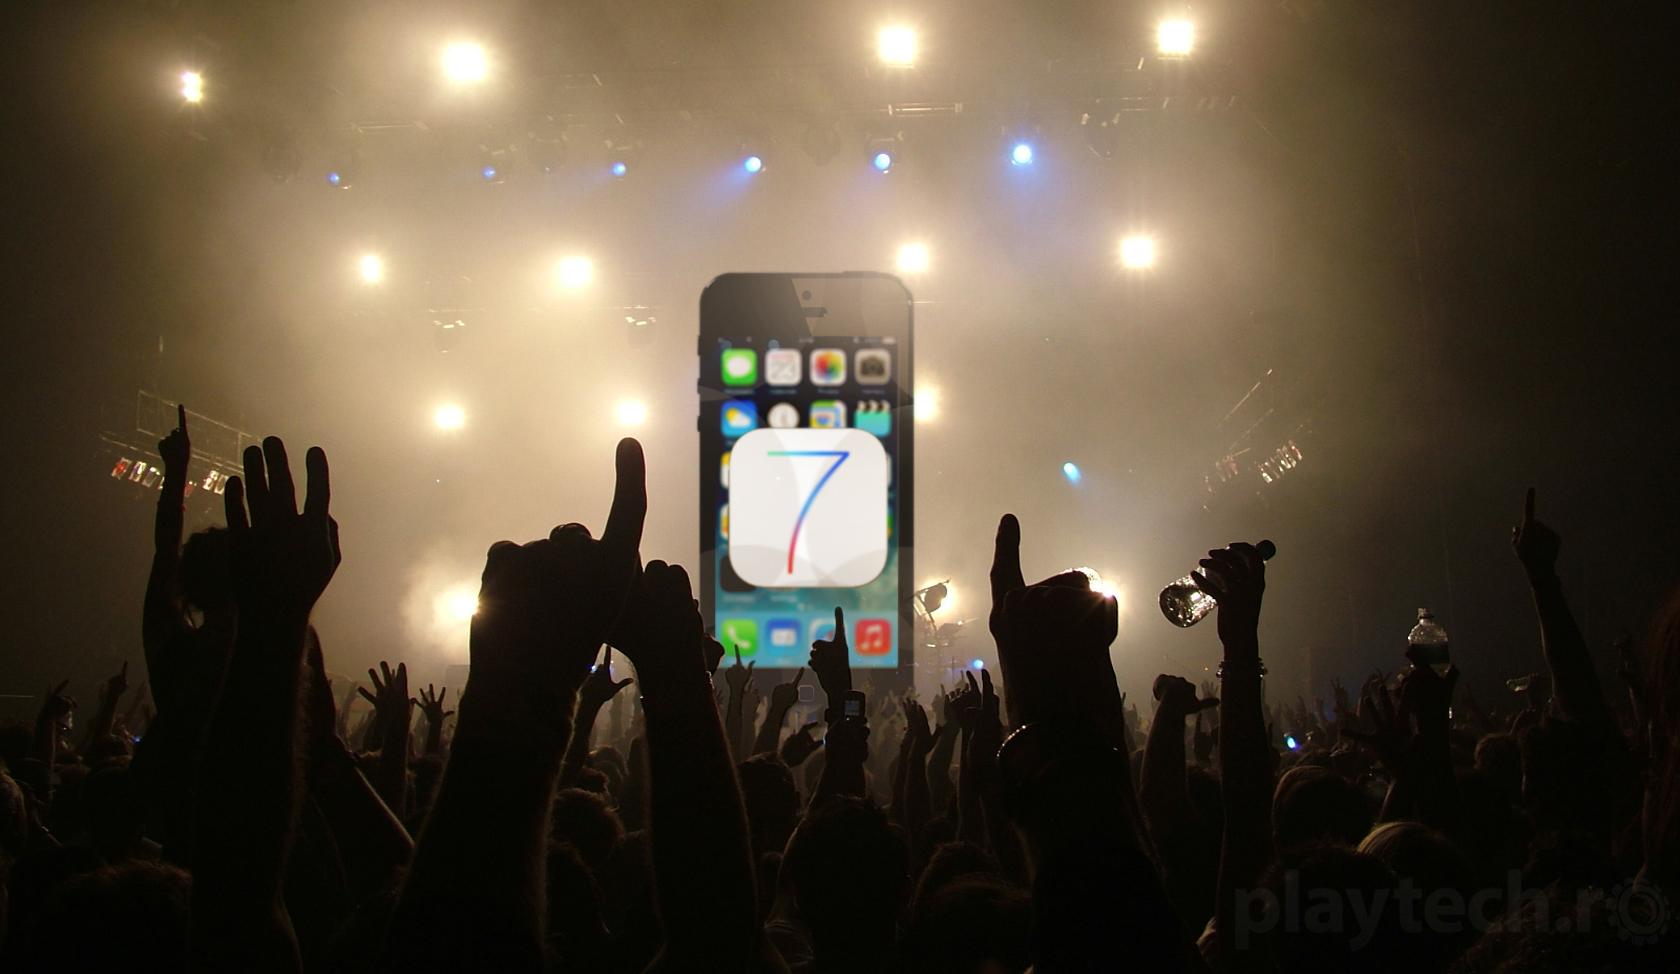 Cum a ajuns iOS 7 cel mai popular sistem de operare pentru mobile?